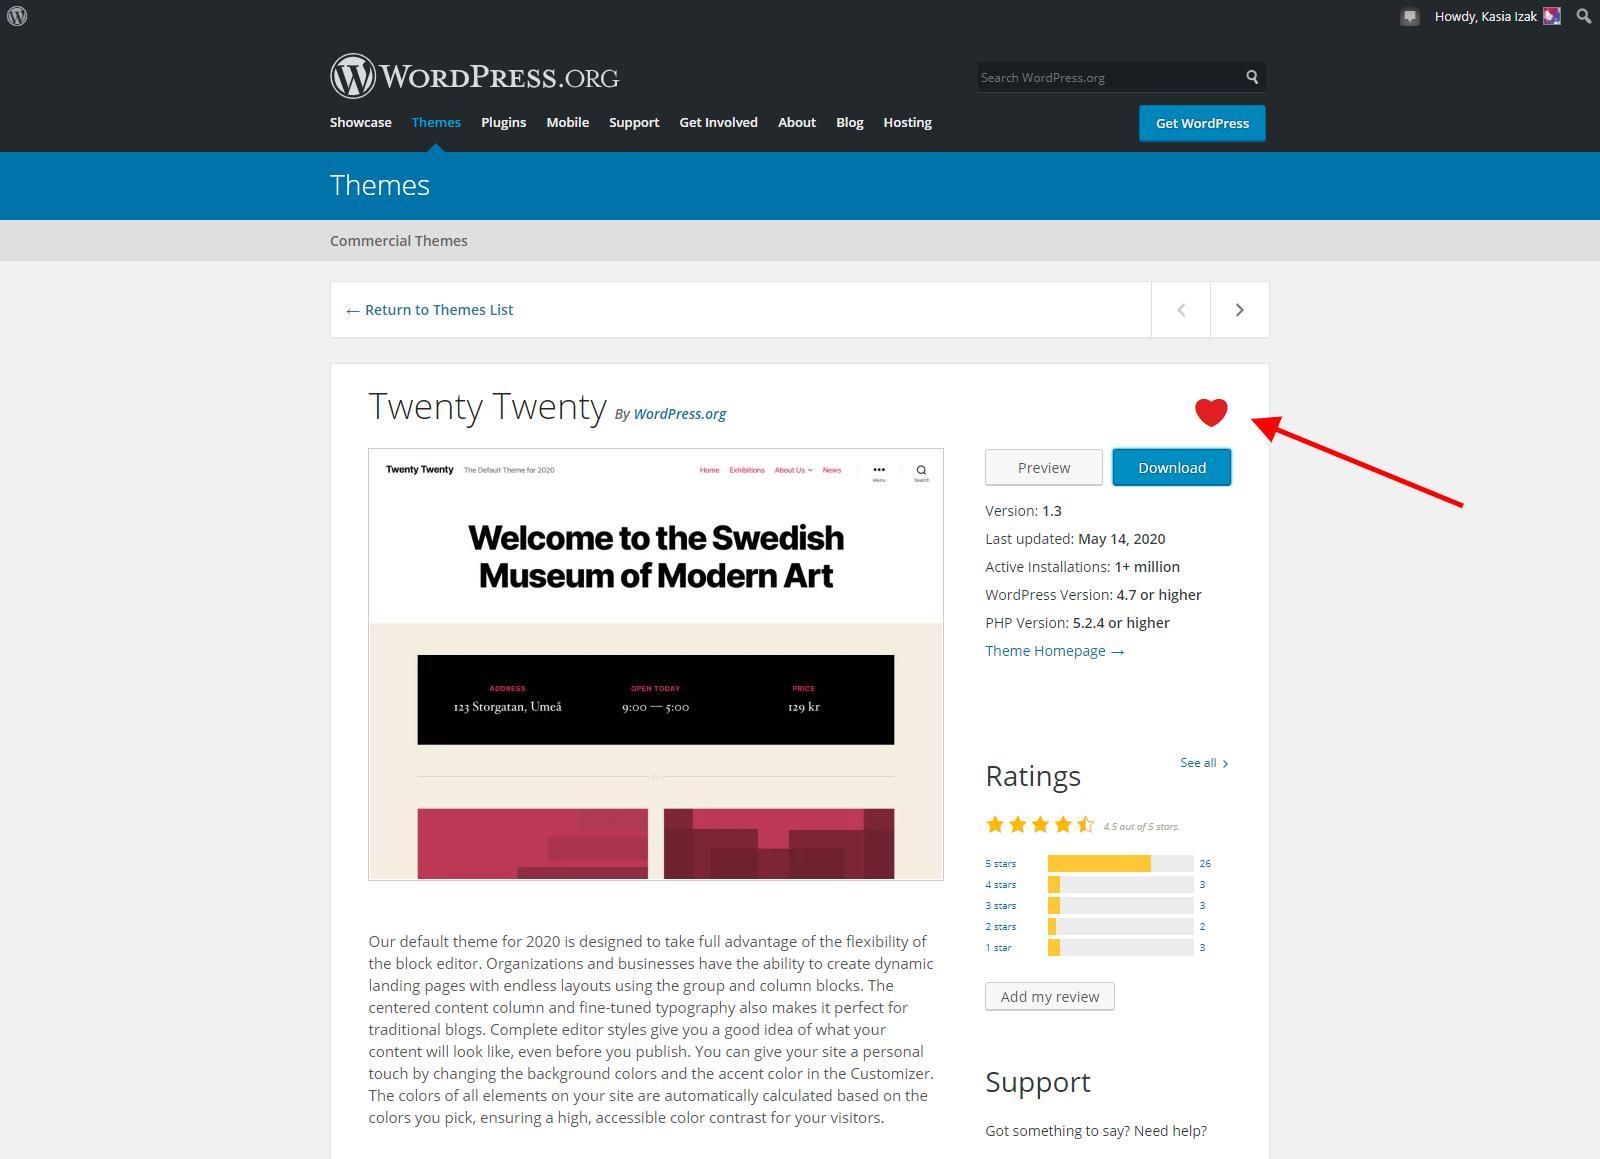 WordPress.org - Dodawanie do ulubionych